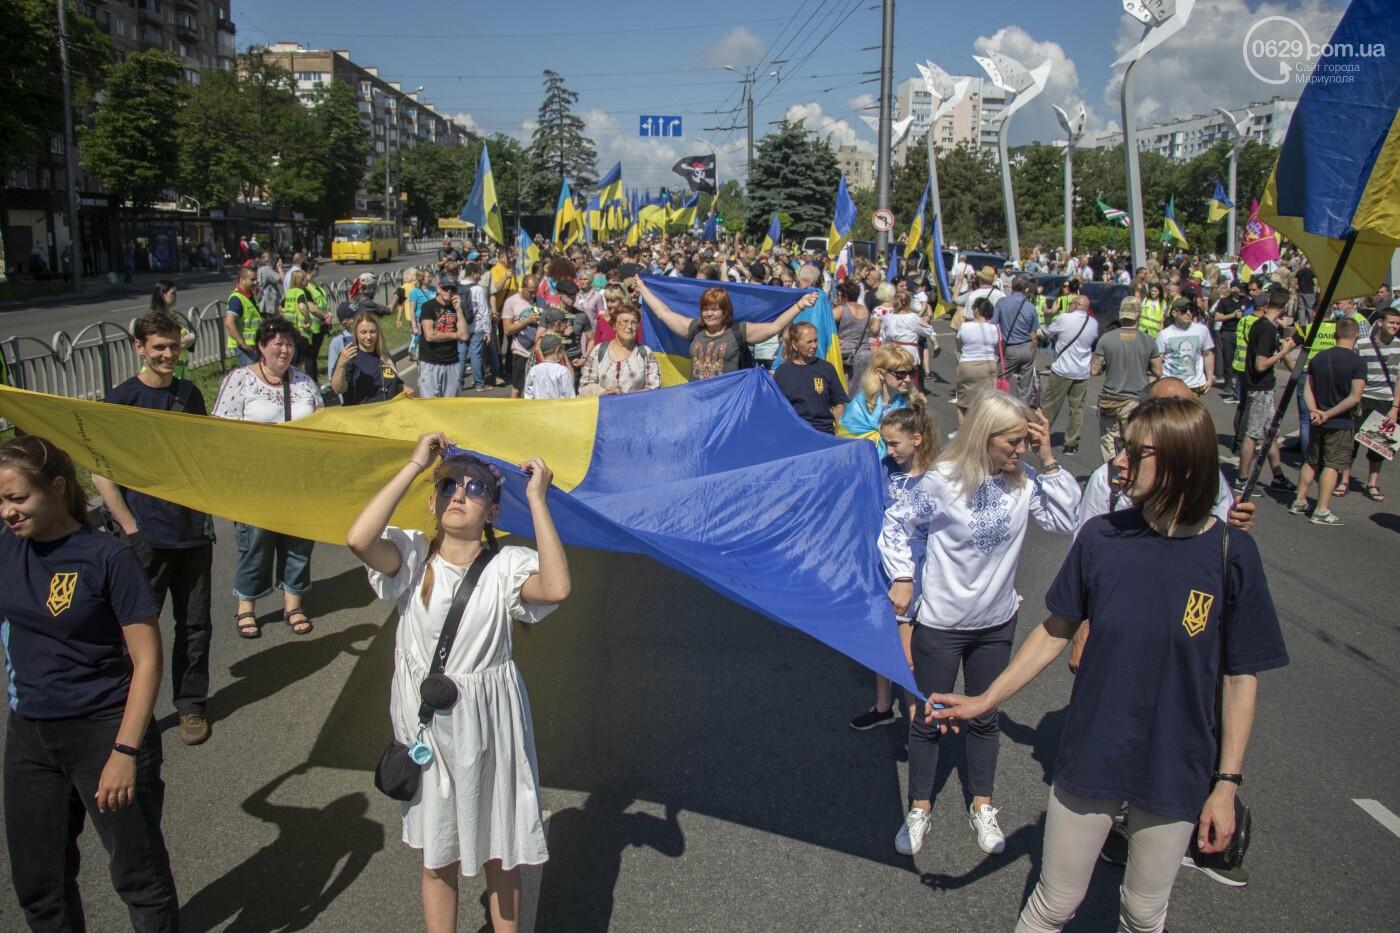 Без мэра. Как прошла в Мариуполе 7-я годовщина освобождения города от террористов и сепаратистов, - ФОТОРЕПОРТАЖ, фото-44